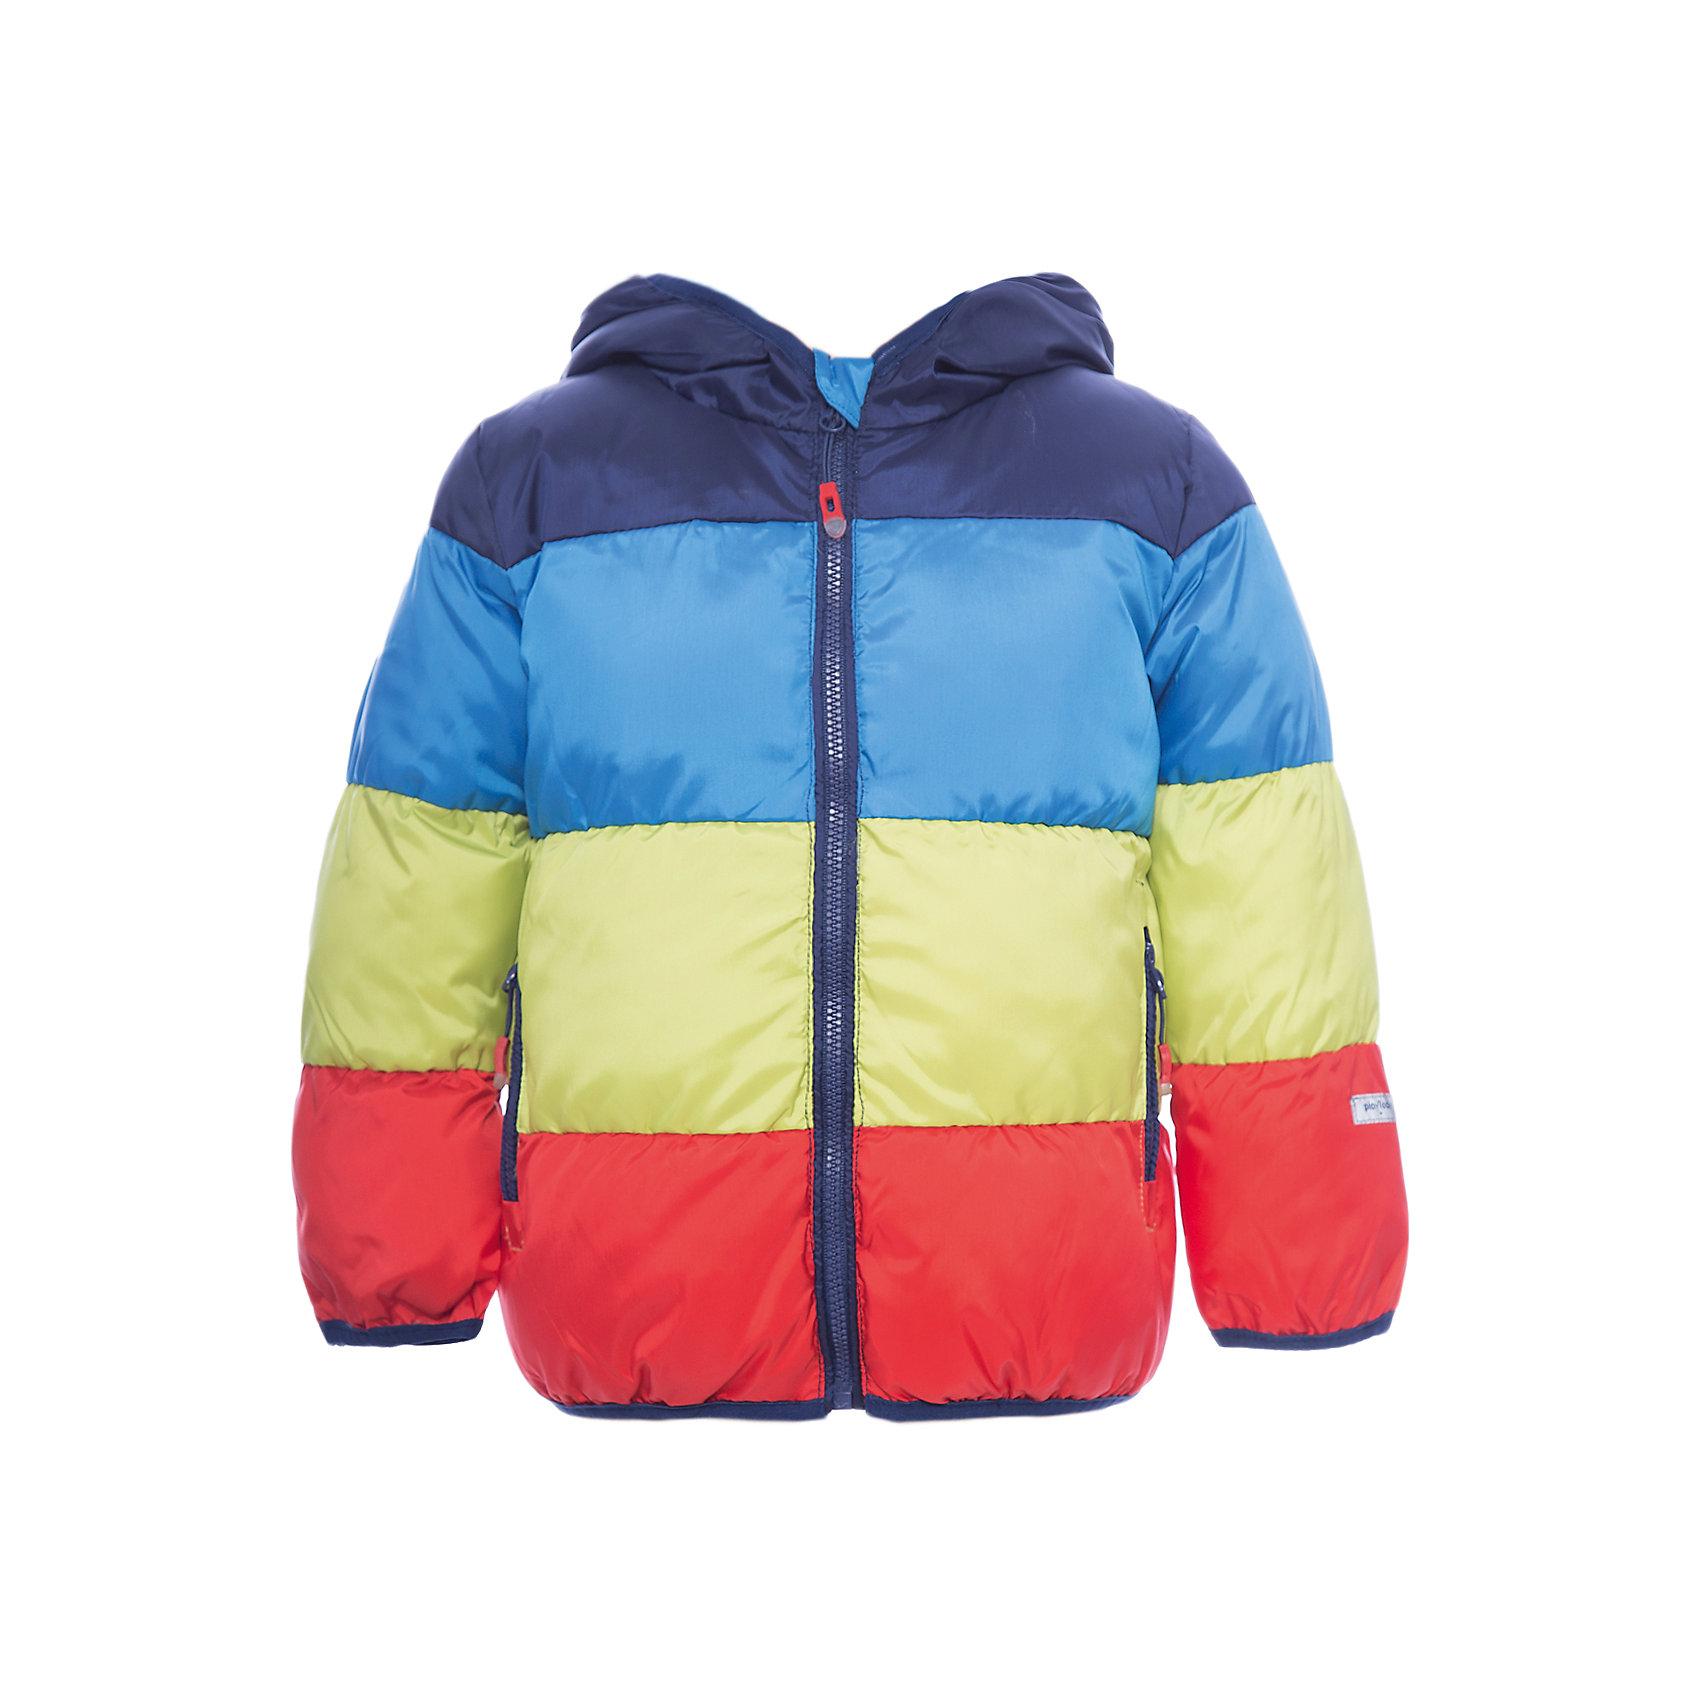 Куртка PlayToday для мальчикаВерхняя одежда<br>Куртка PlayToday для мальчика<br>Яркая утепленная куртка с вшивным капюшоном - отличное решение для промозглой погоды. Ткань с водоотталкивающей пропиткой. Модель на молнии, специальный карман для фиксации бегунка не позволит застежке травмировать нежную детскую кожу. Подкладка из натурального хлопка хорошо впитывает лишнюю влагу. Куртка дополнена вшивными карманами. Контур капюшона, манжеты и низ изделия на мягких трикотажных резинках.<br>Состав:<br>Верх: 100% полиэстер, подкладка: 60% хлопок, 40% полиэстер, наполнитель: 100% полиэстер, 250 г/м2<br><br>Ширина мм: 356<br>Глубина мм: 10<br>Высота мм: 245<br>Вес г: 519<br>Цвет: белый<br>Возраст от месяцев: 12<br>Возраст до месяцев: 18<br>Пол: Мужской<br>Возраст: Детский<br>Размер: 86,92,74,80<br>SKU: 7109680